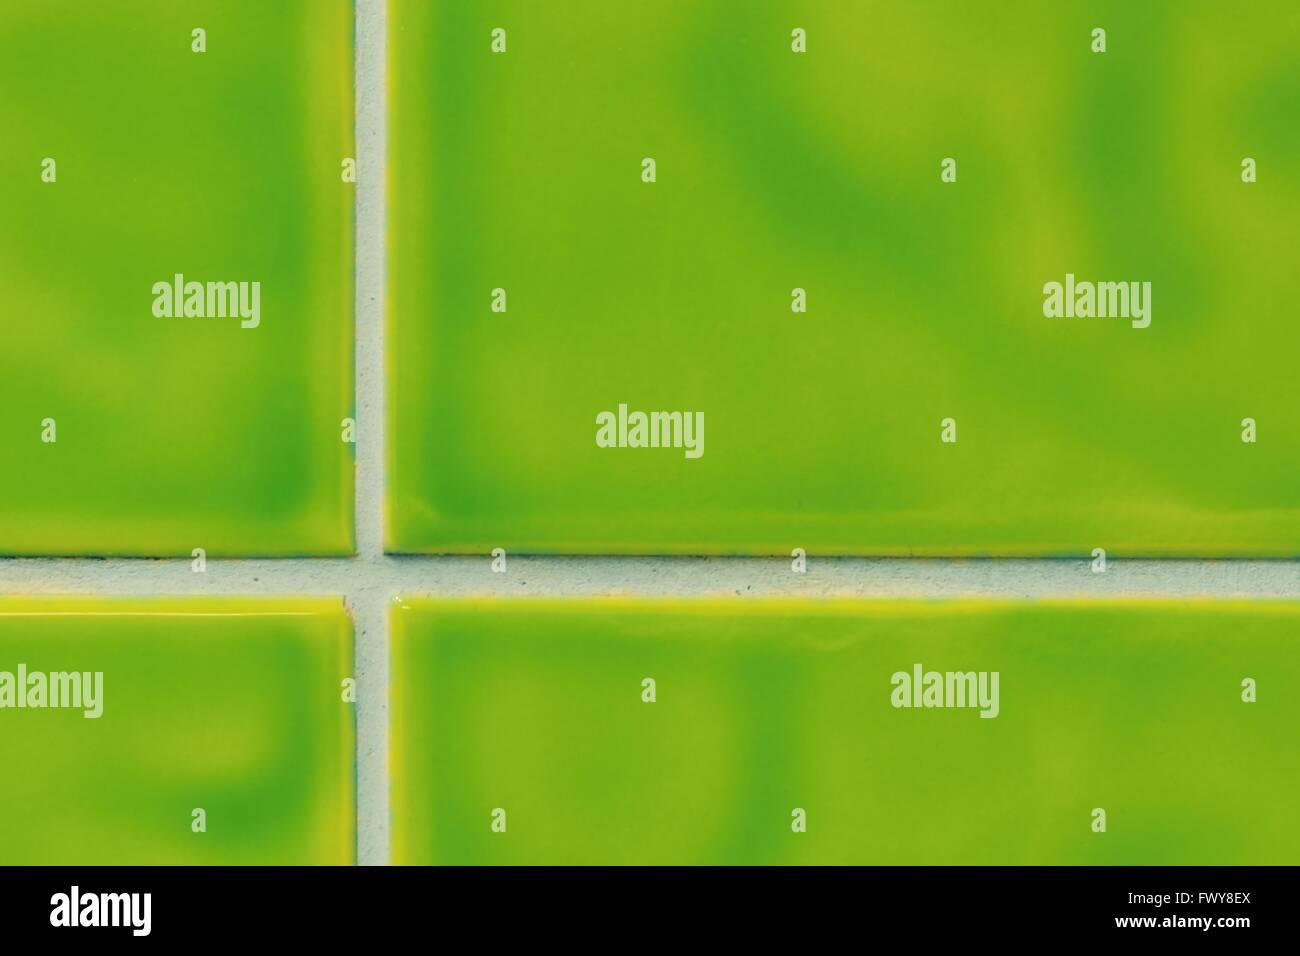 Quattro piastrelle verdi nice texture di sfondo e modello foto